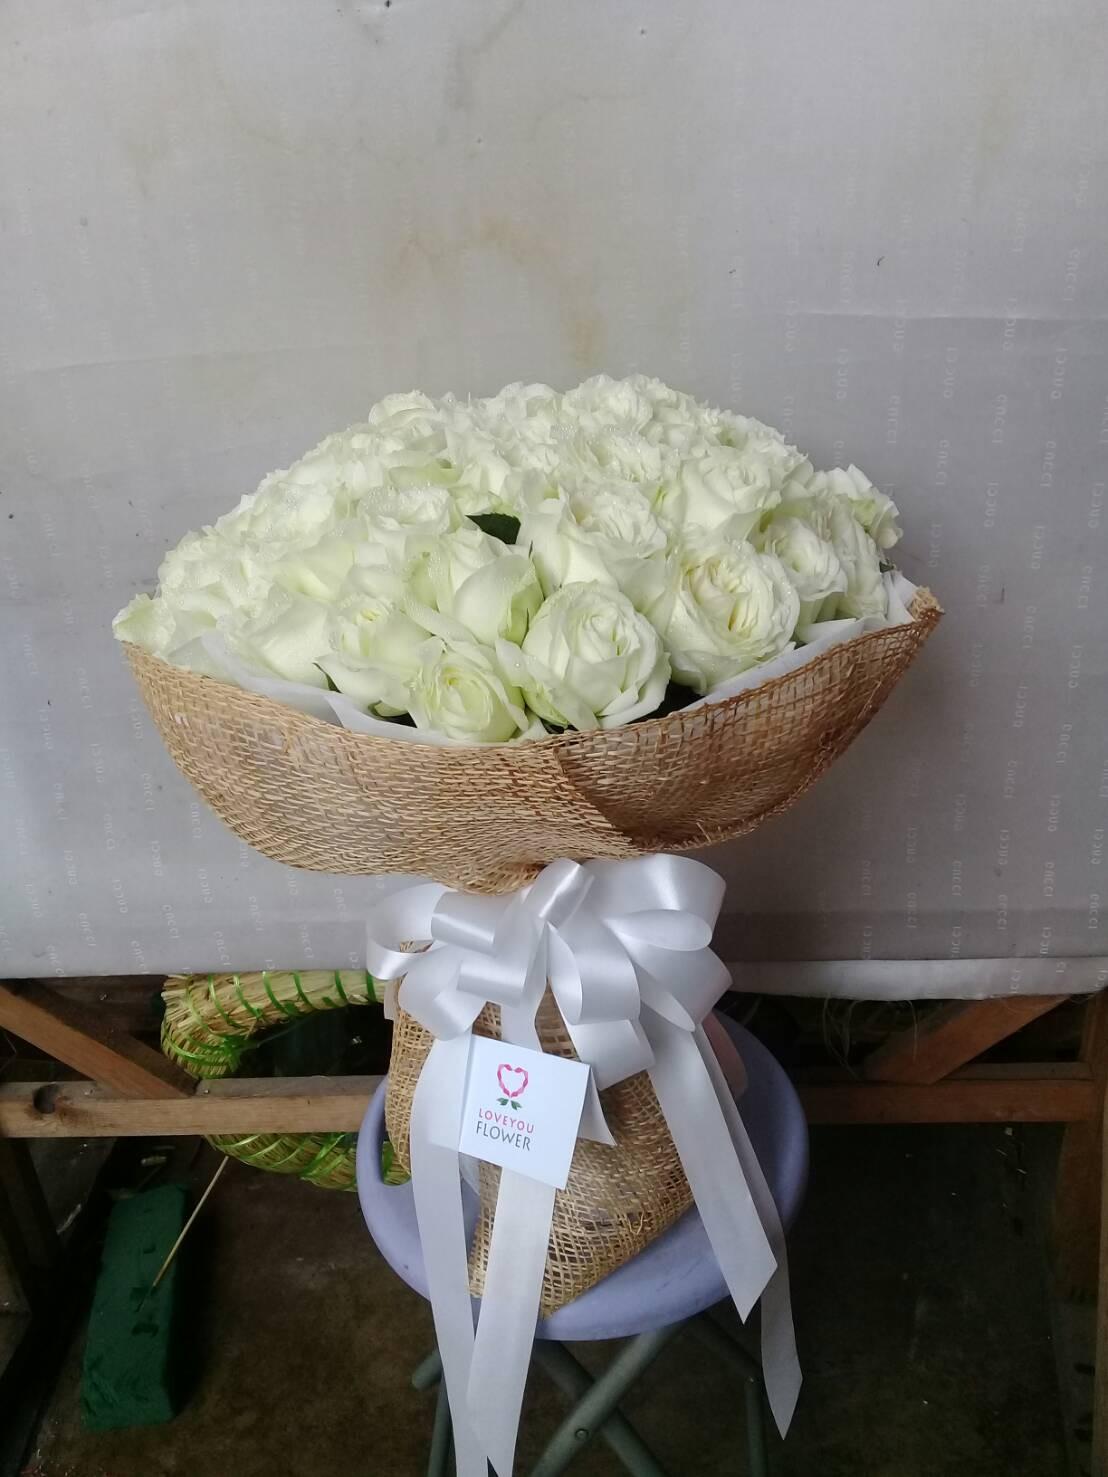 ช่อดอกกุหลาบขาวล้วน จัดรวมเป็นช่ออย่างเรียบง่าย แต่ทันสมัยและคงความคลาสสิก